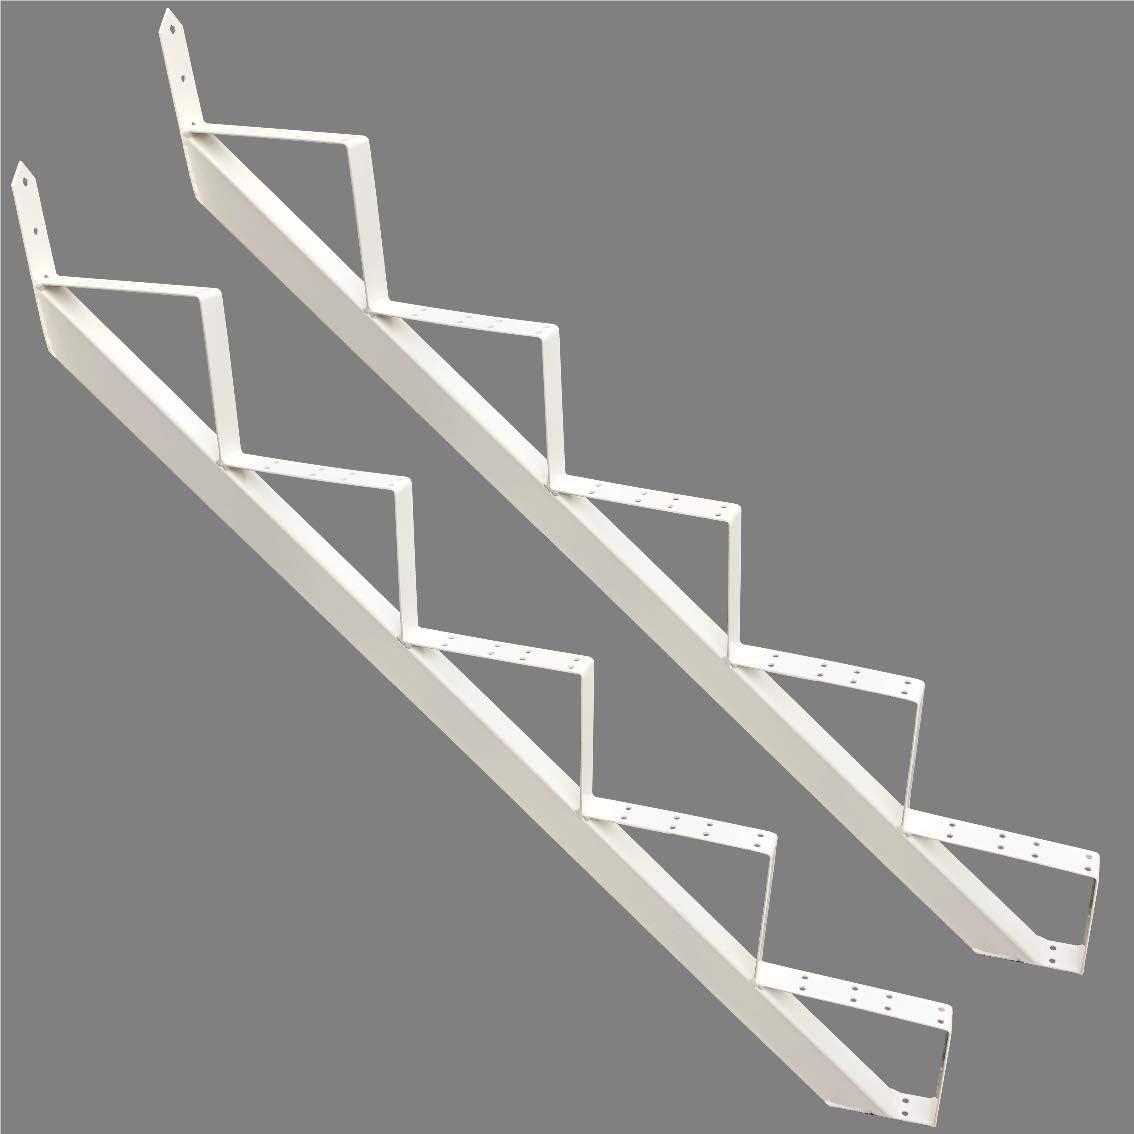 4 stufig Treppenrahmen 2-10 Stufen-Wahl Stahl-Treppe WeissTreppenholm//W/ählen Sie die Stufen-Anzahl